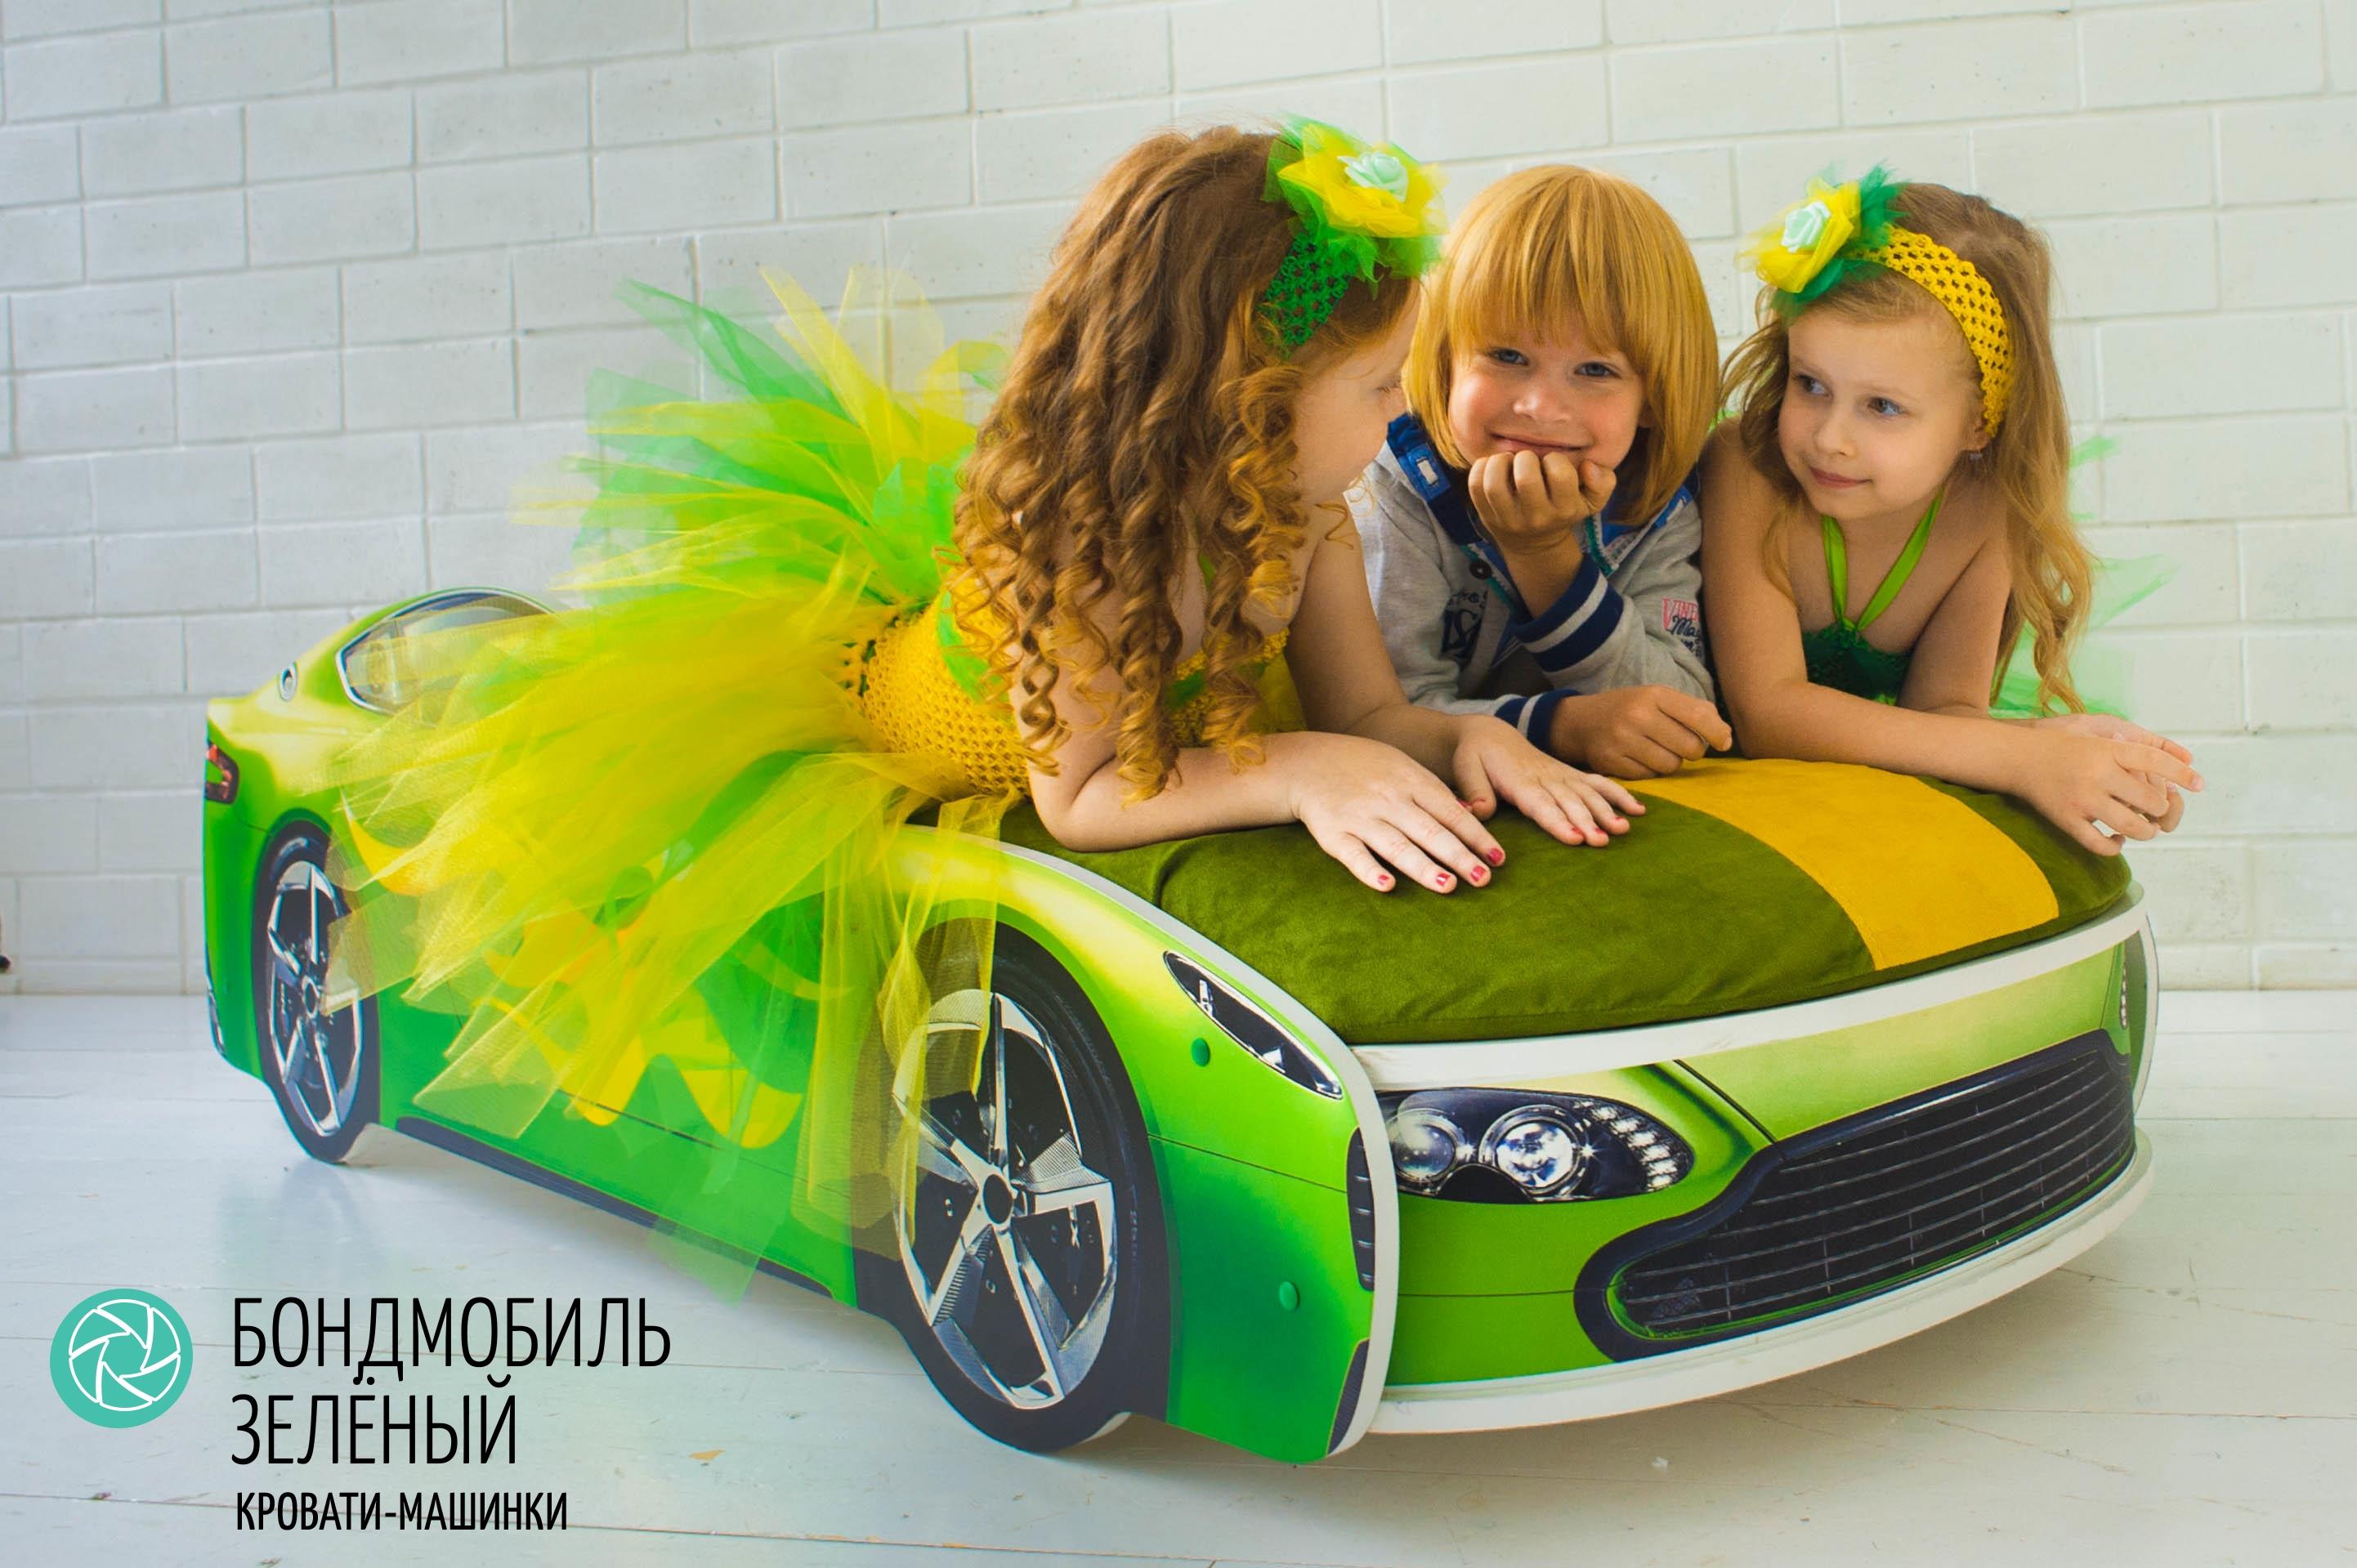 Детская кровать-машина зеленый -Бондмобиль-5